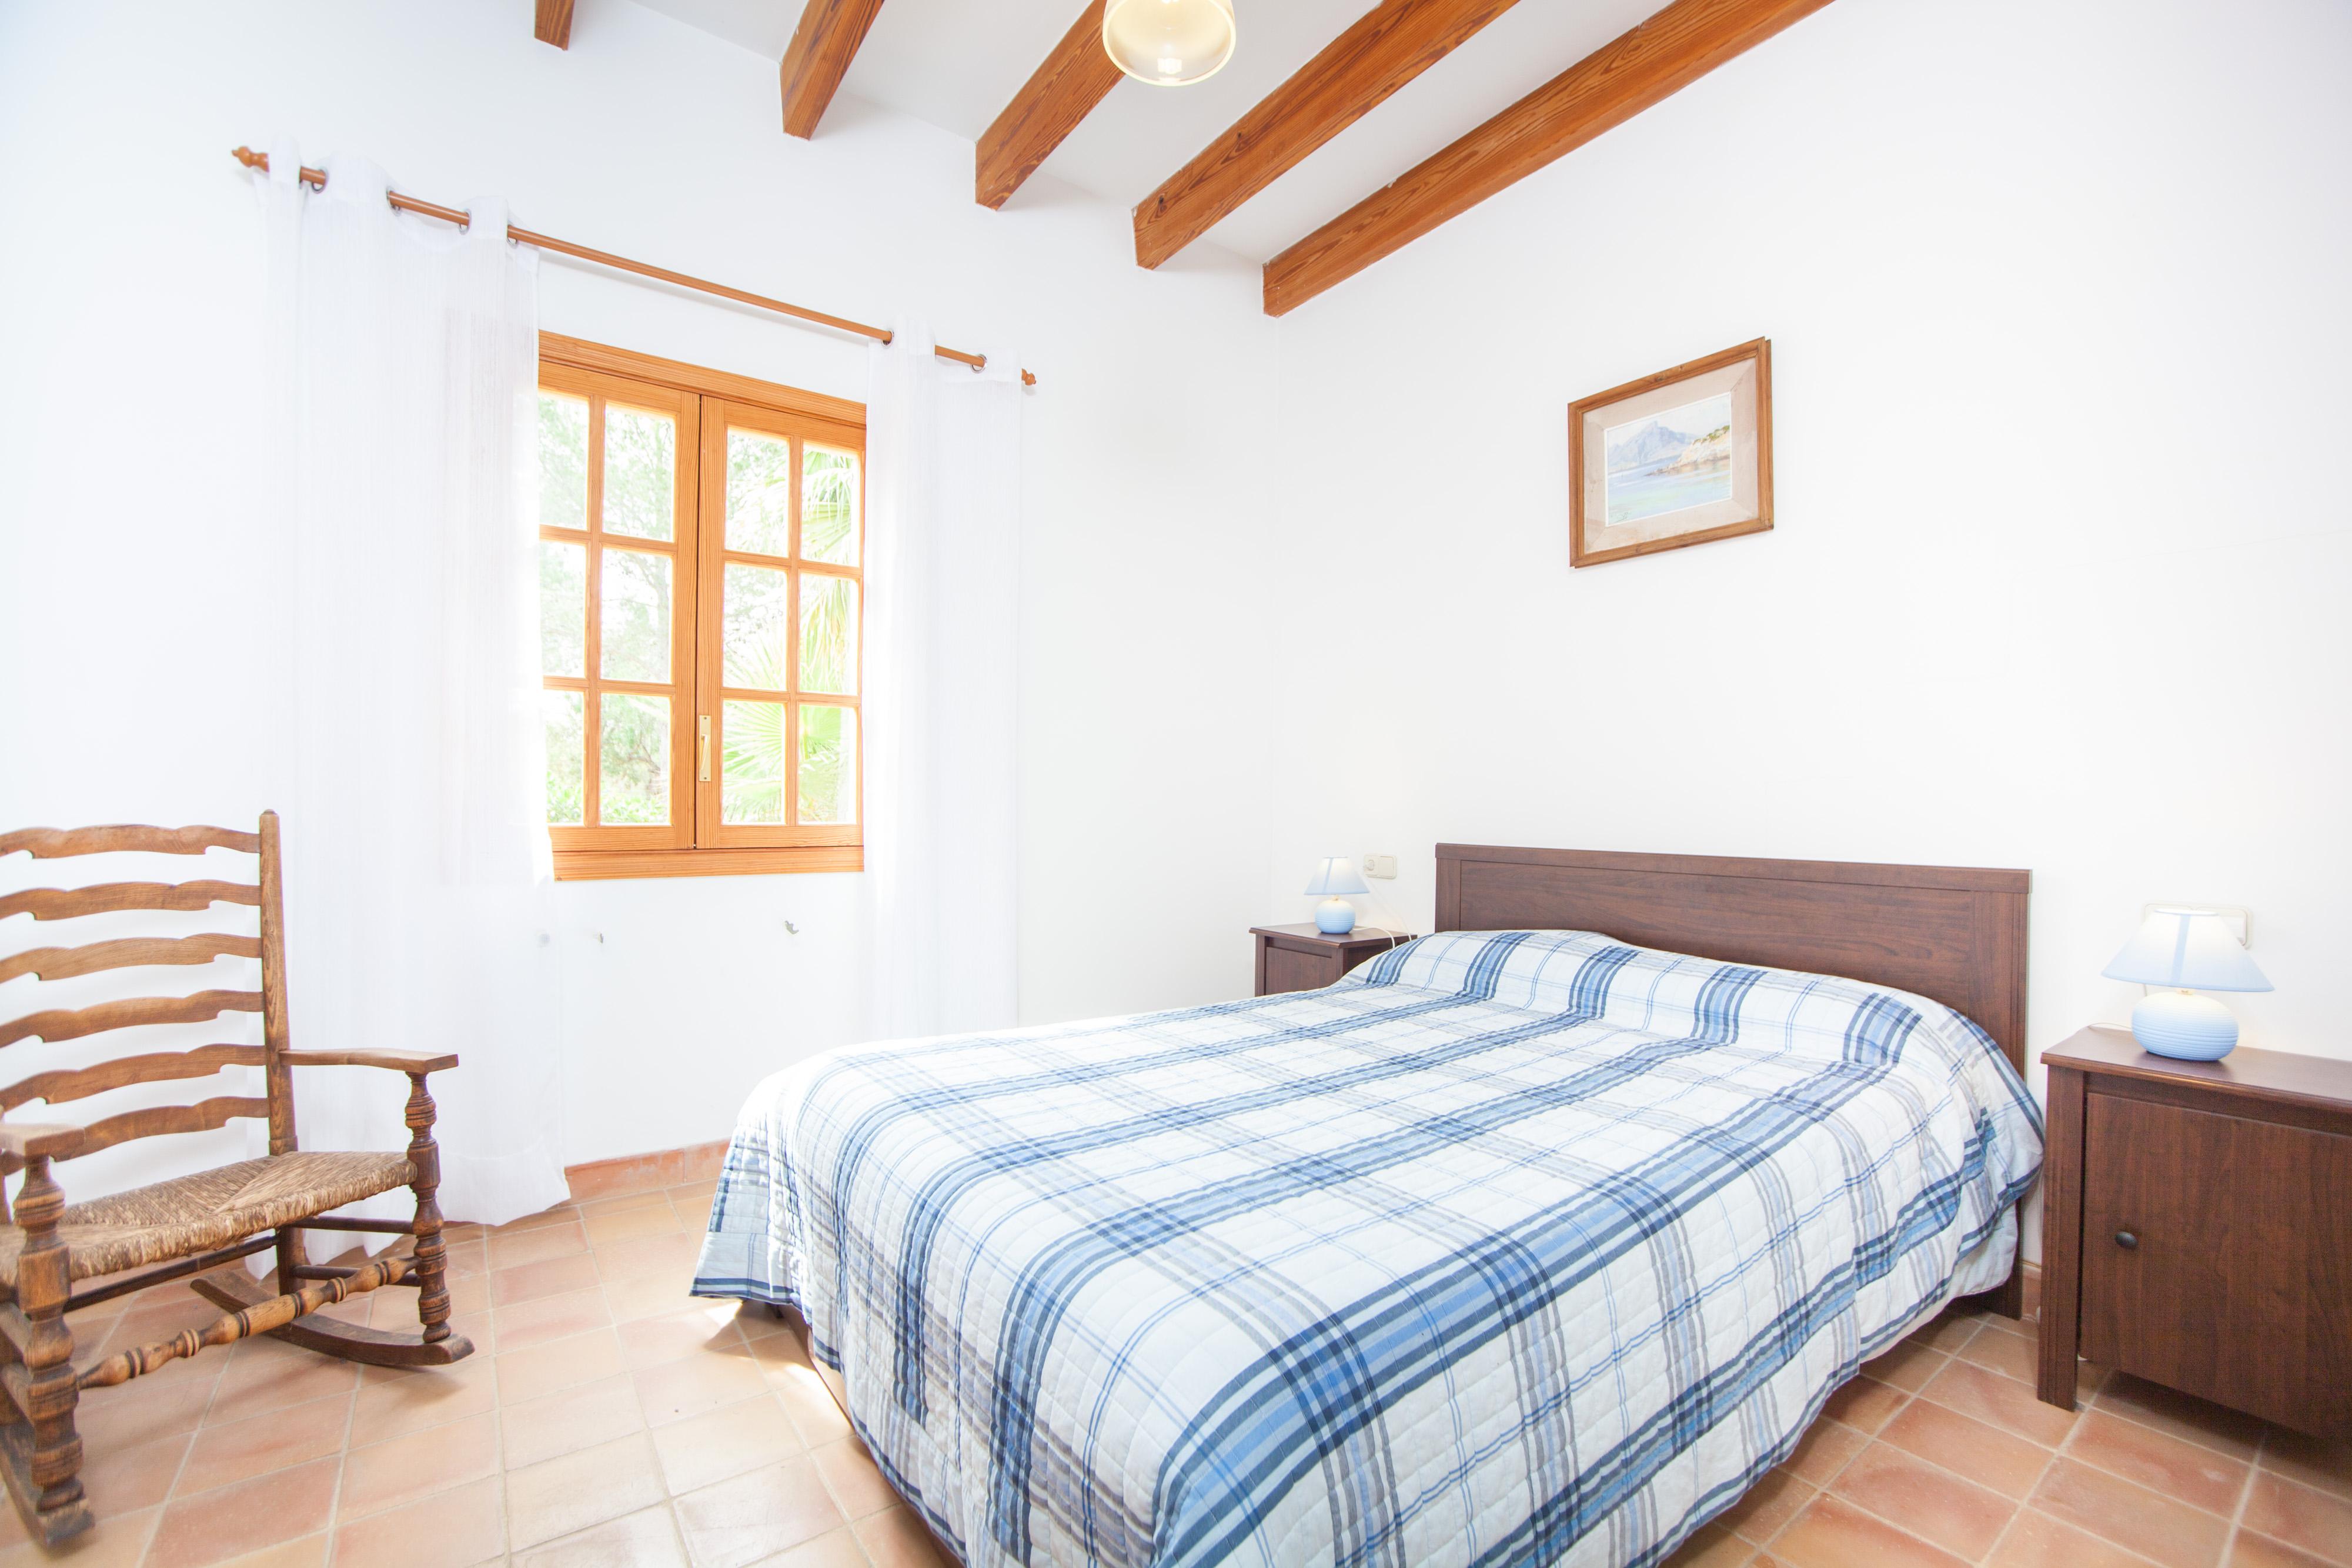 Maison de vacances SON BRINES (1871713), Lloret de Vistalegre, Majorque, Iles Baléares, Espagne, image 22